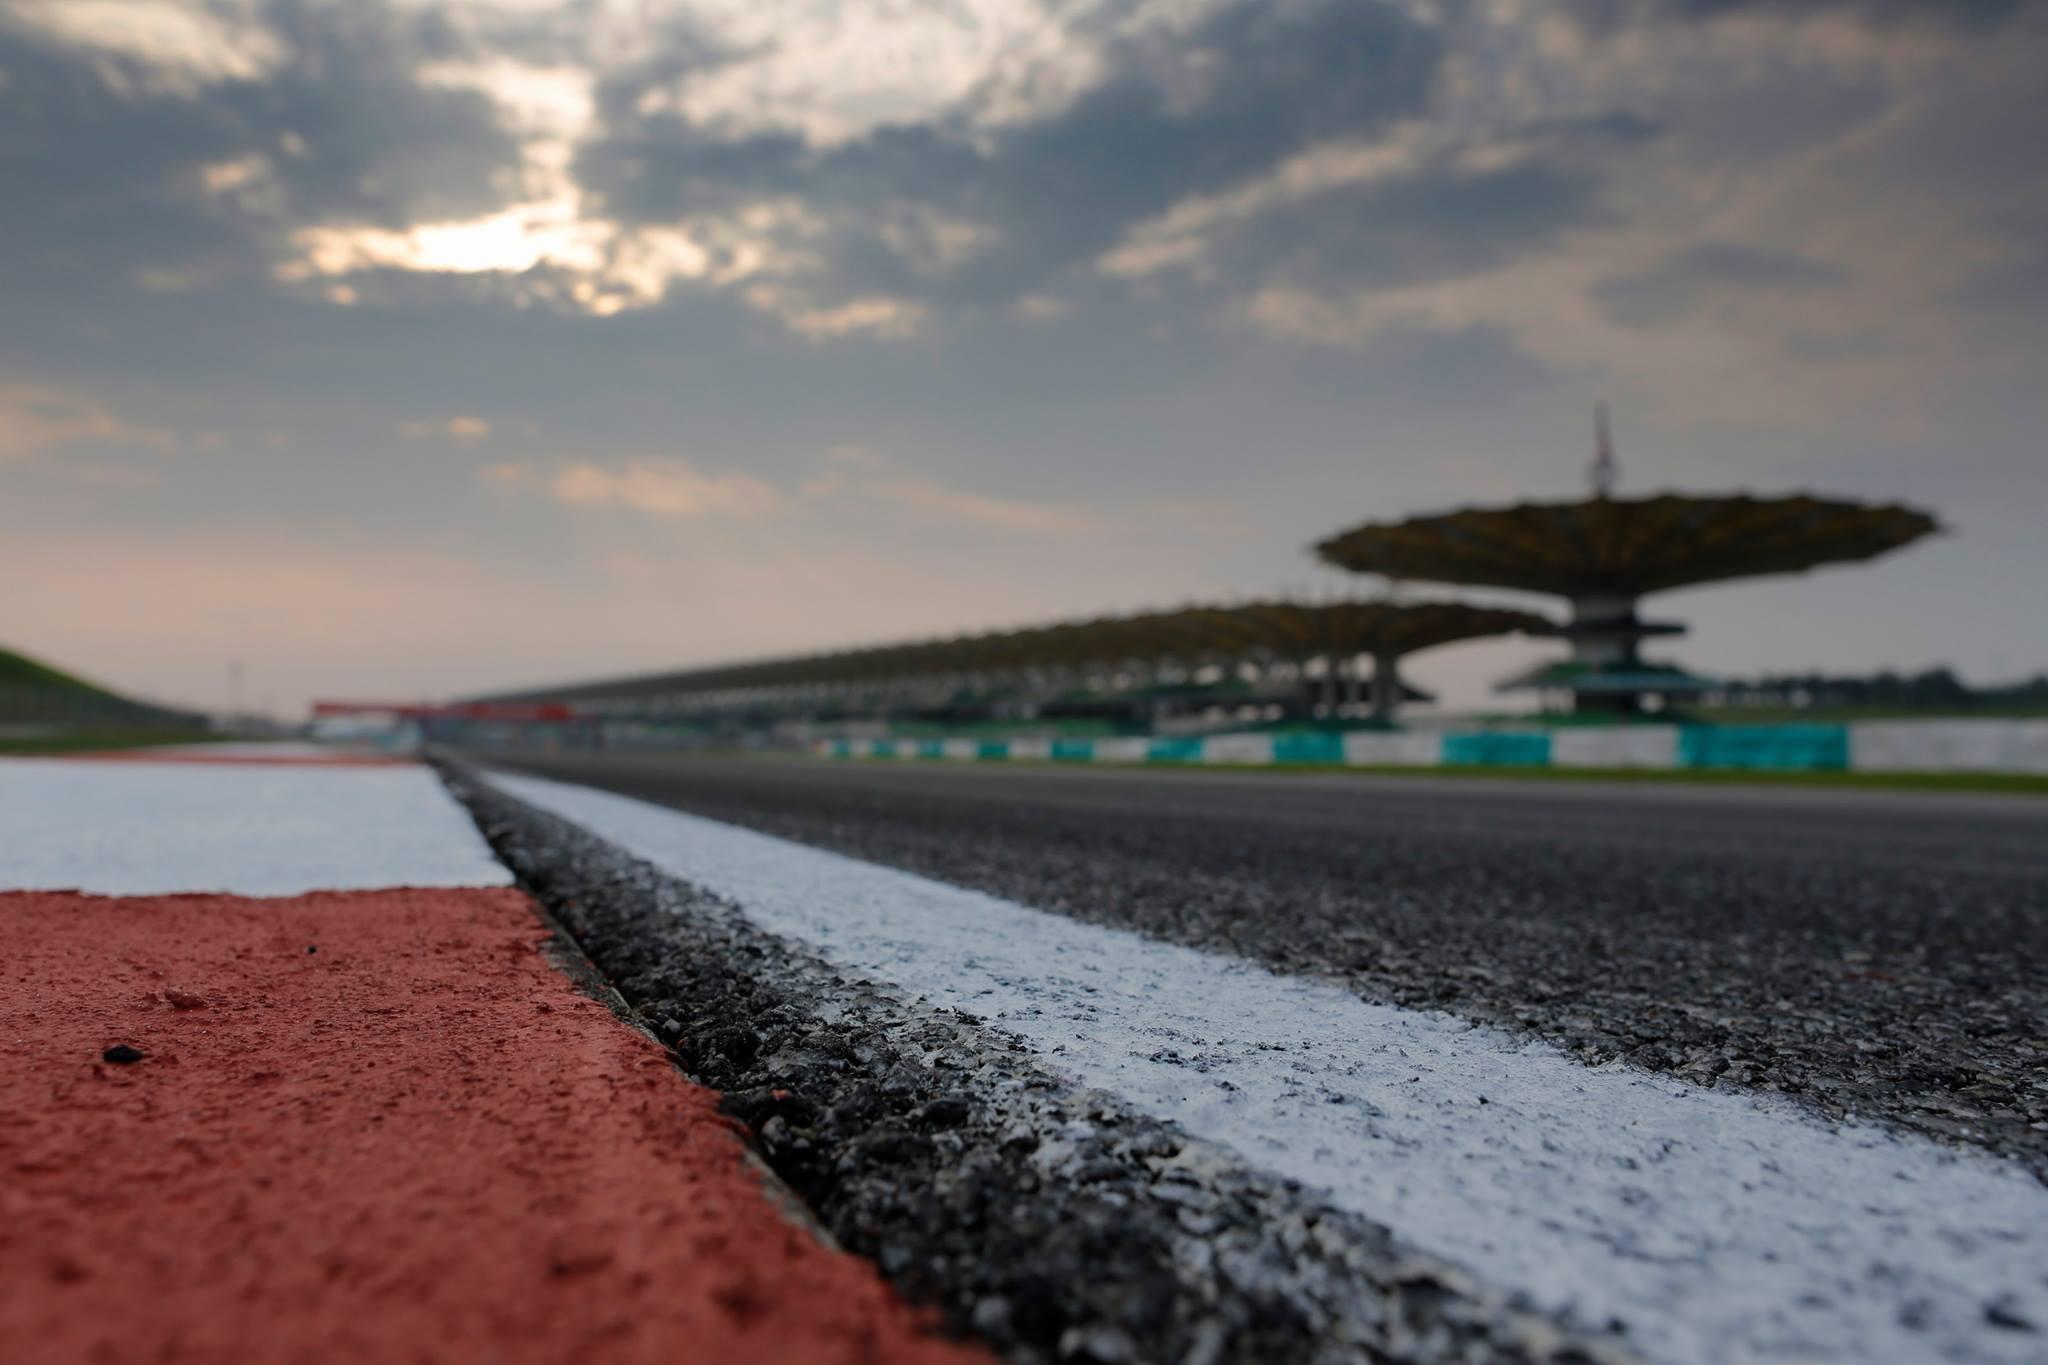 Malajzia nem fújja le az F1-es hétvégét, és elégedettek az új hangokkal: Legalább a gyerekek is kijöhetnek a pályára